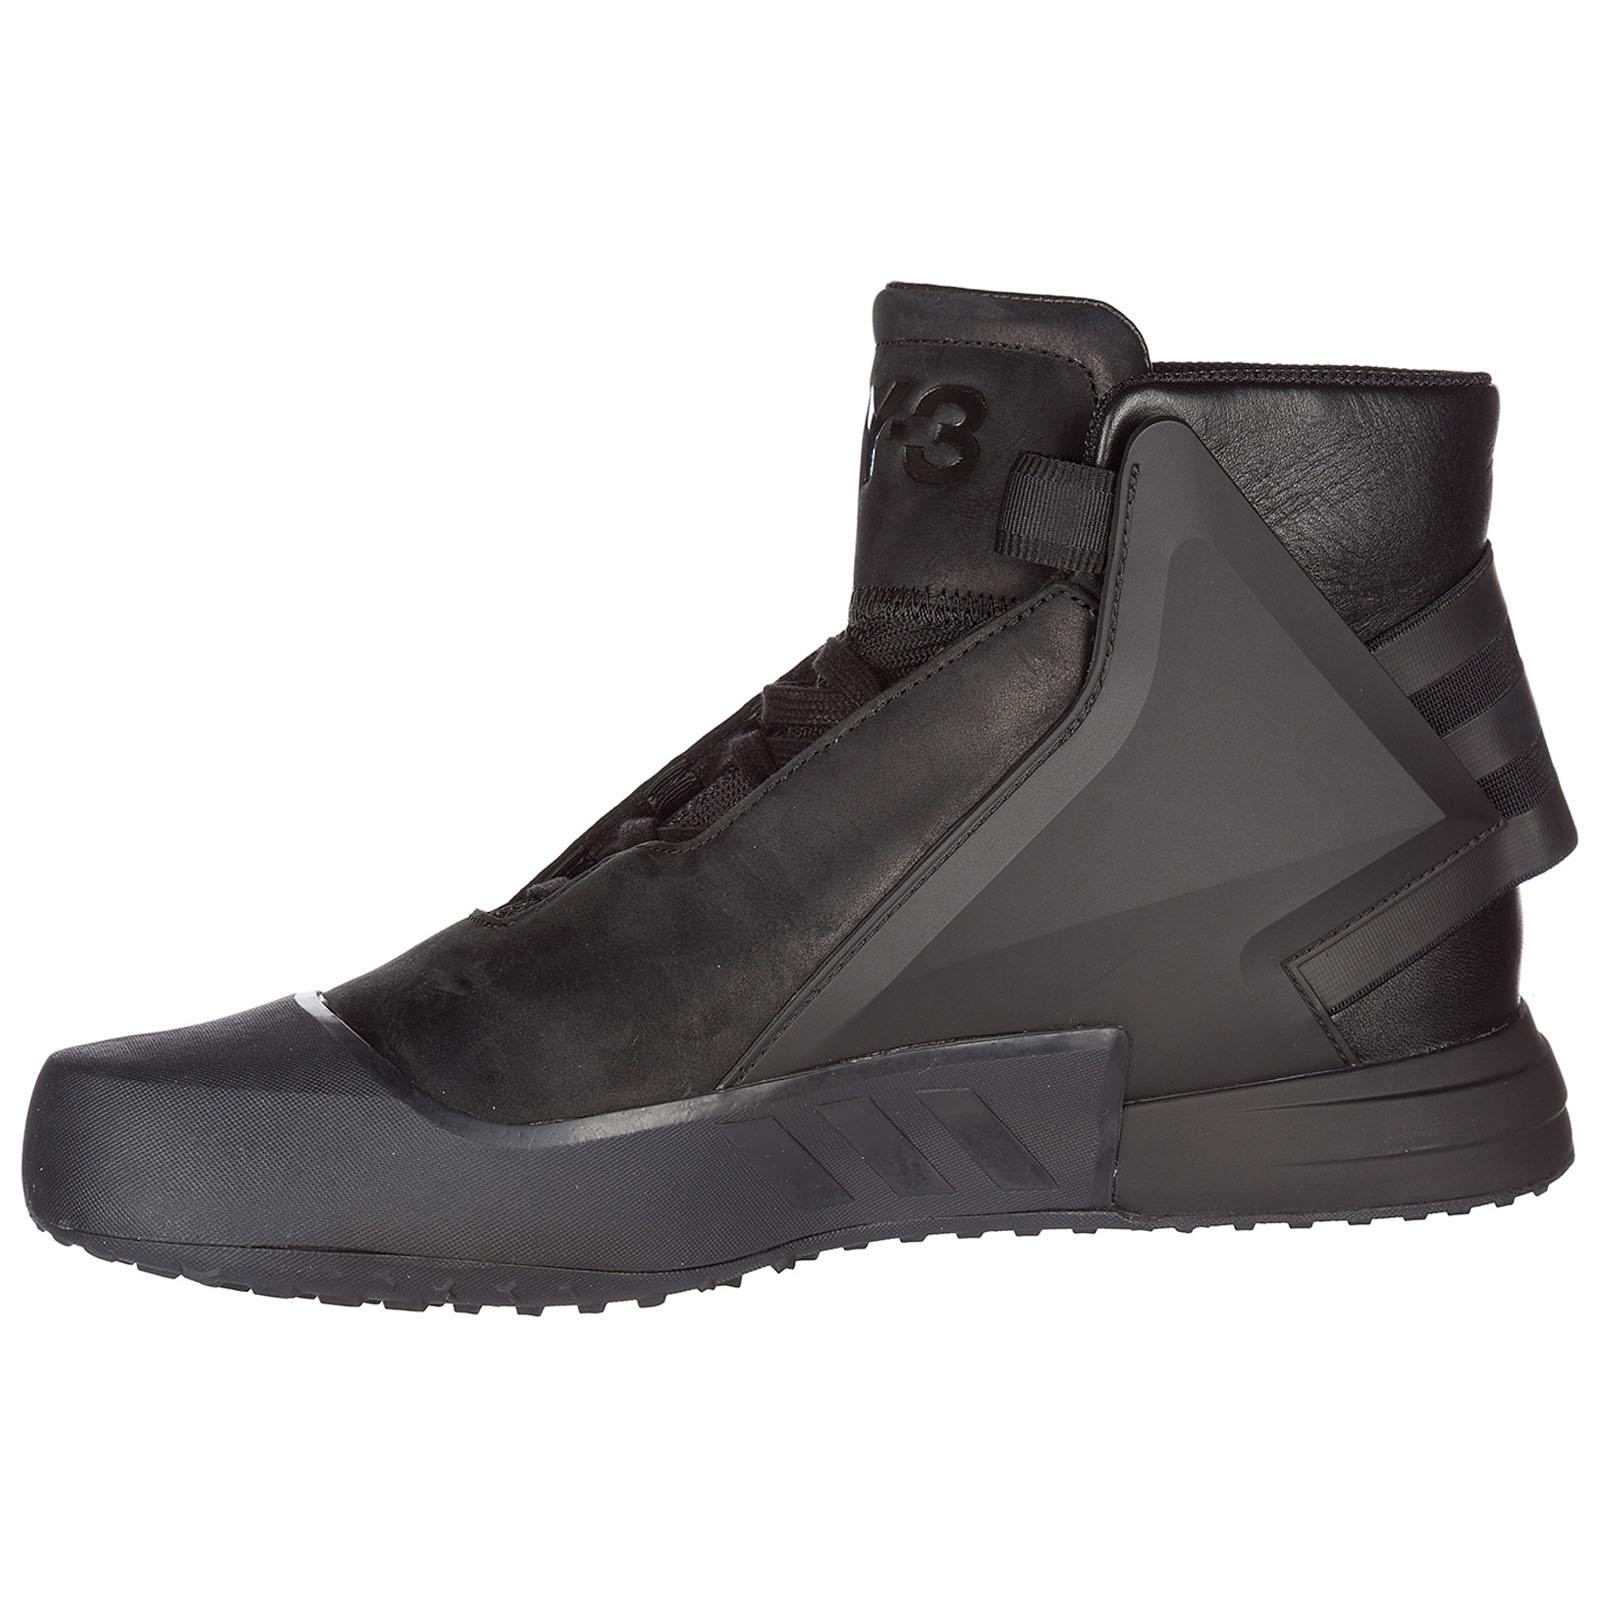 b6d09c94e1a0b ... Men s shoes high top leather trainers sneakers yohji yamamoto bball tech  ...